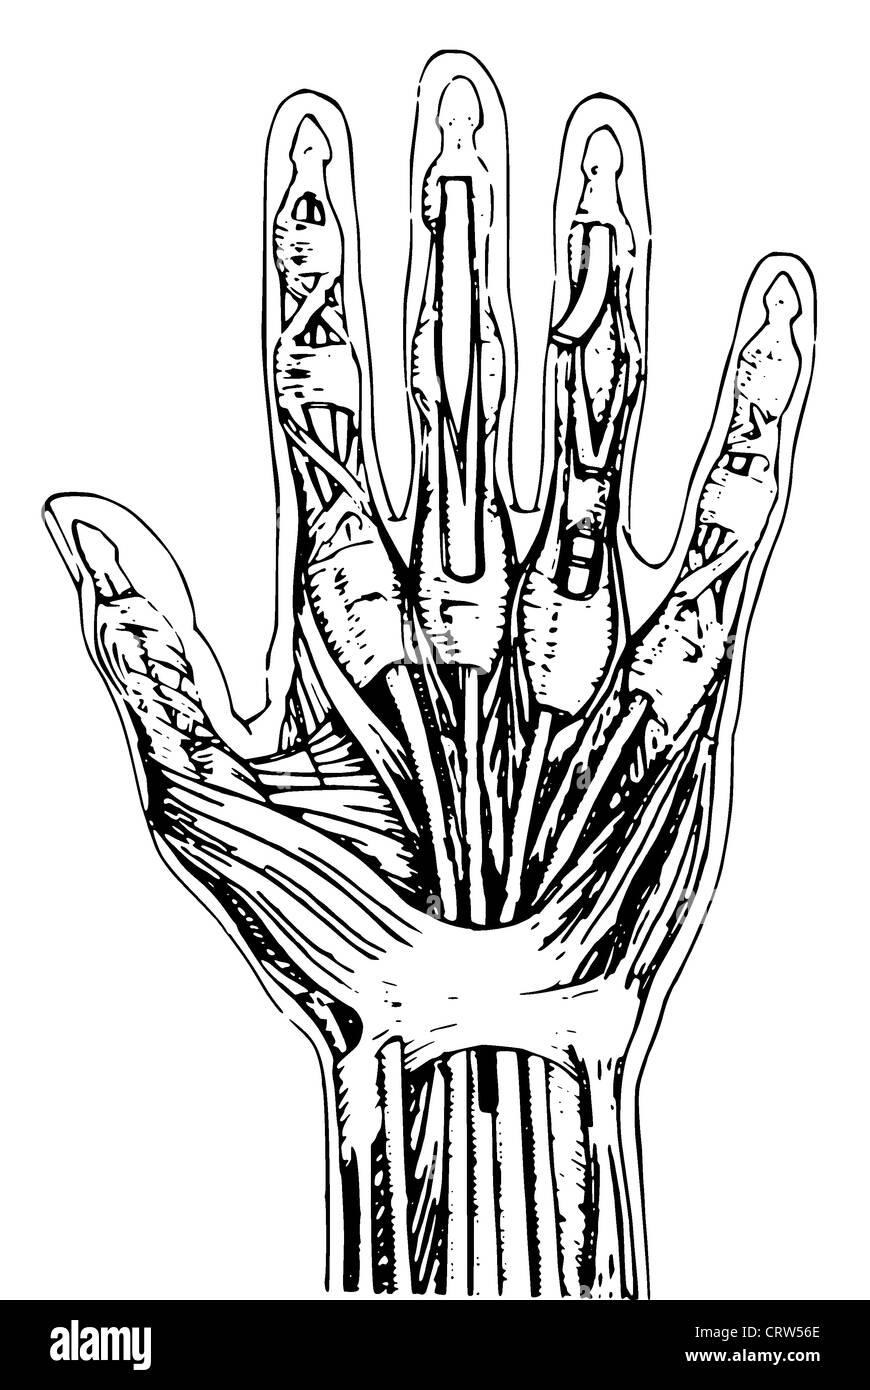 Anatomie der menschlichen hand Stockfoto, Bild: 49110726 - Alamy